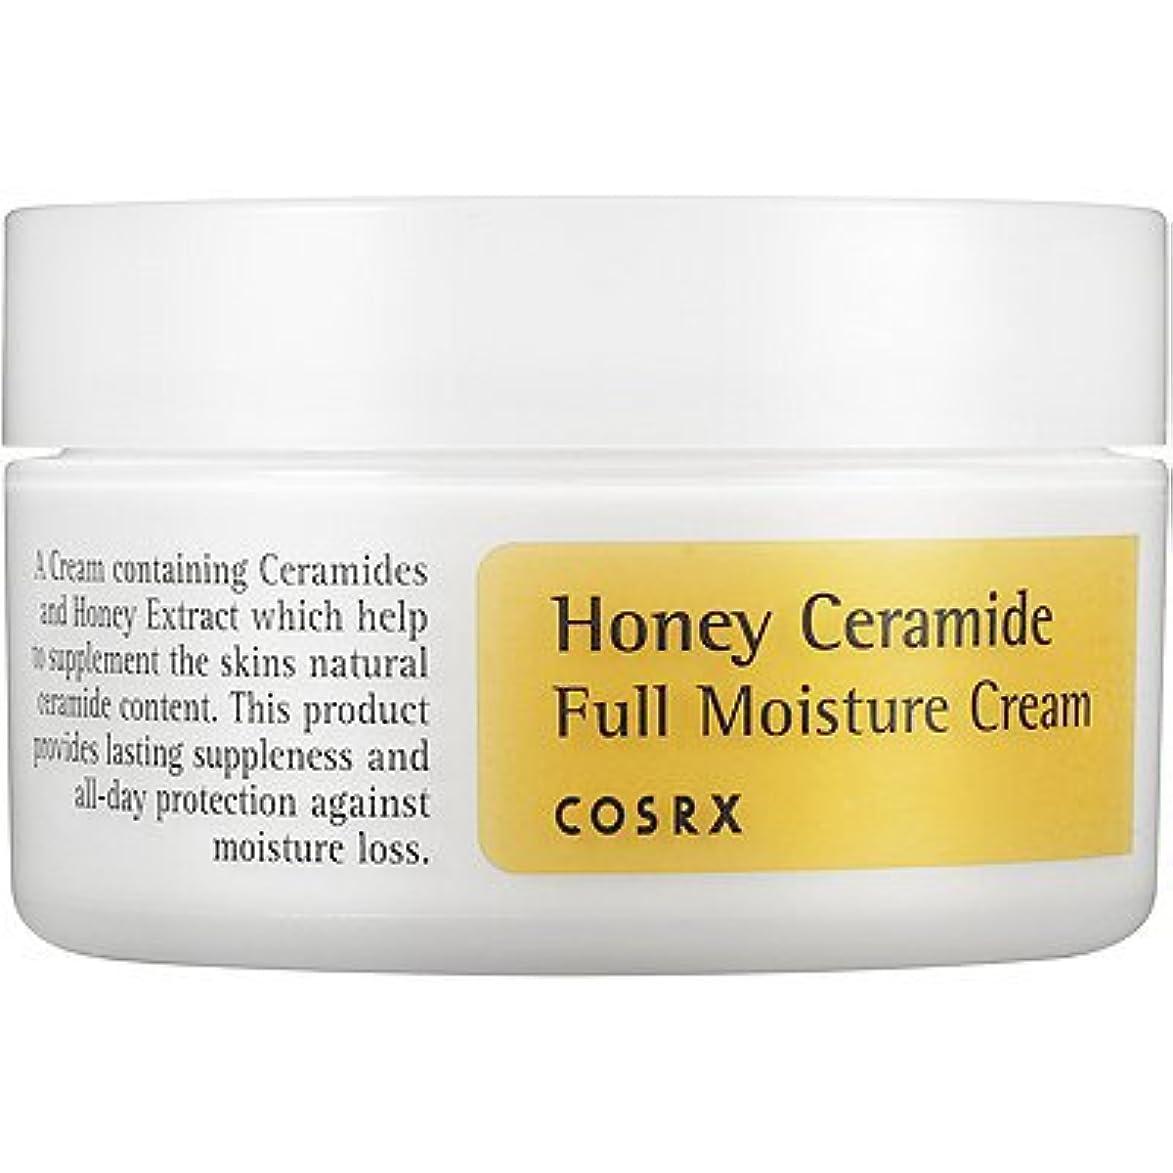 欠員爆発する殺すCOSRX Honey Ceramide Full Moisture Cream 50g/ハニーセラミド フル モイスチャークリーム -50g [並行輸入品]